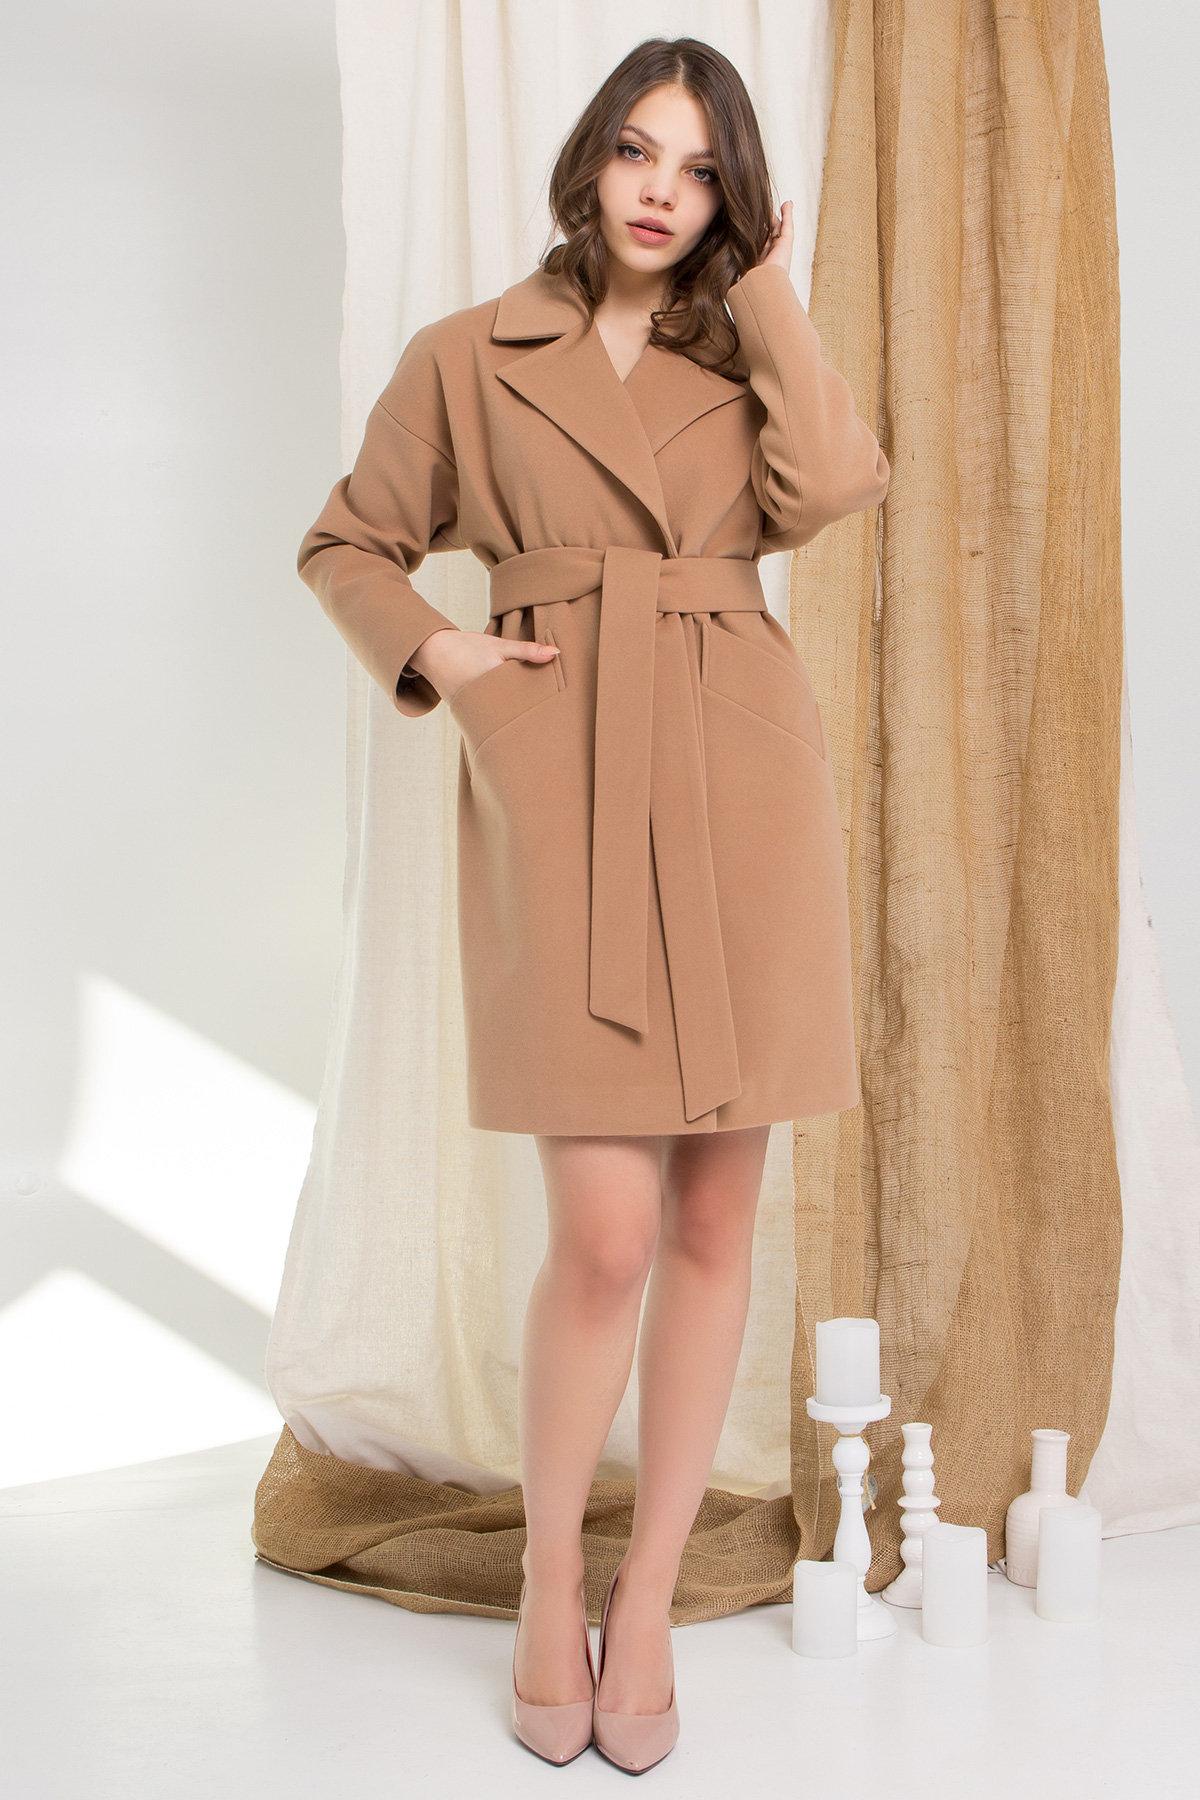 Пальто Сенсей 9006 АРТ. 45318 Цвет: Кемел - фото 8, интернет магазин tm-modus.ru